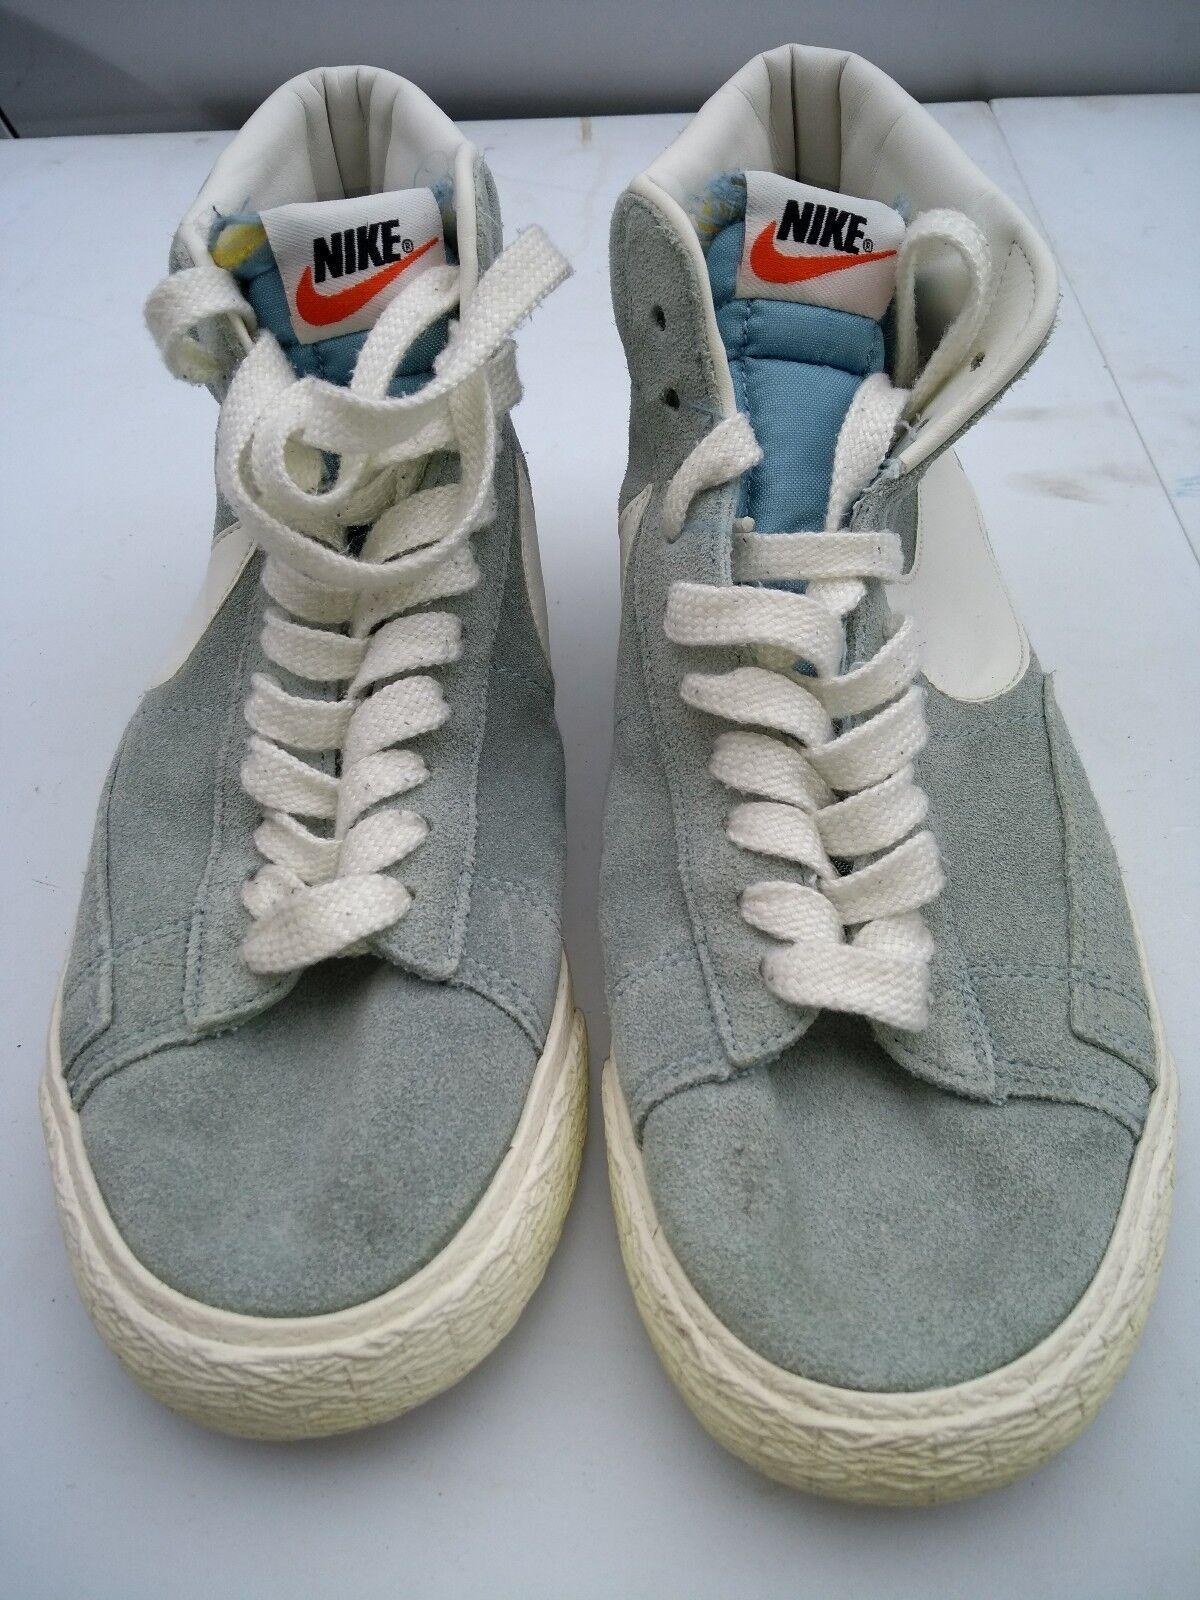 Nike wmns blazer blu scamosciato vntg taglia a a a metà | Fai pieno uso dei materiali  f1c061